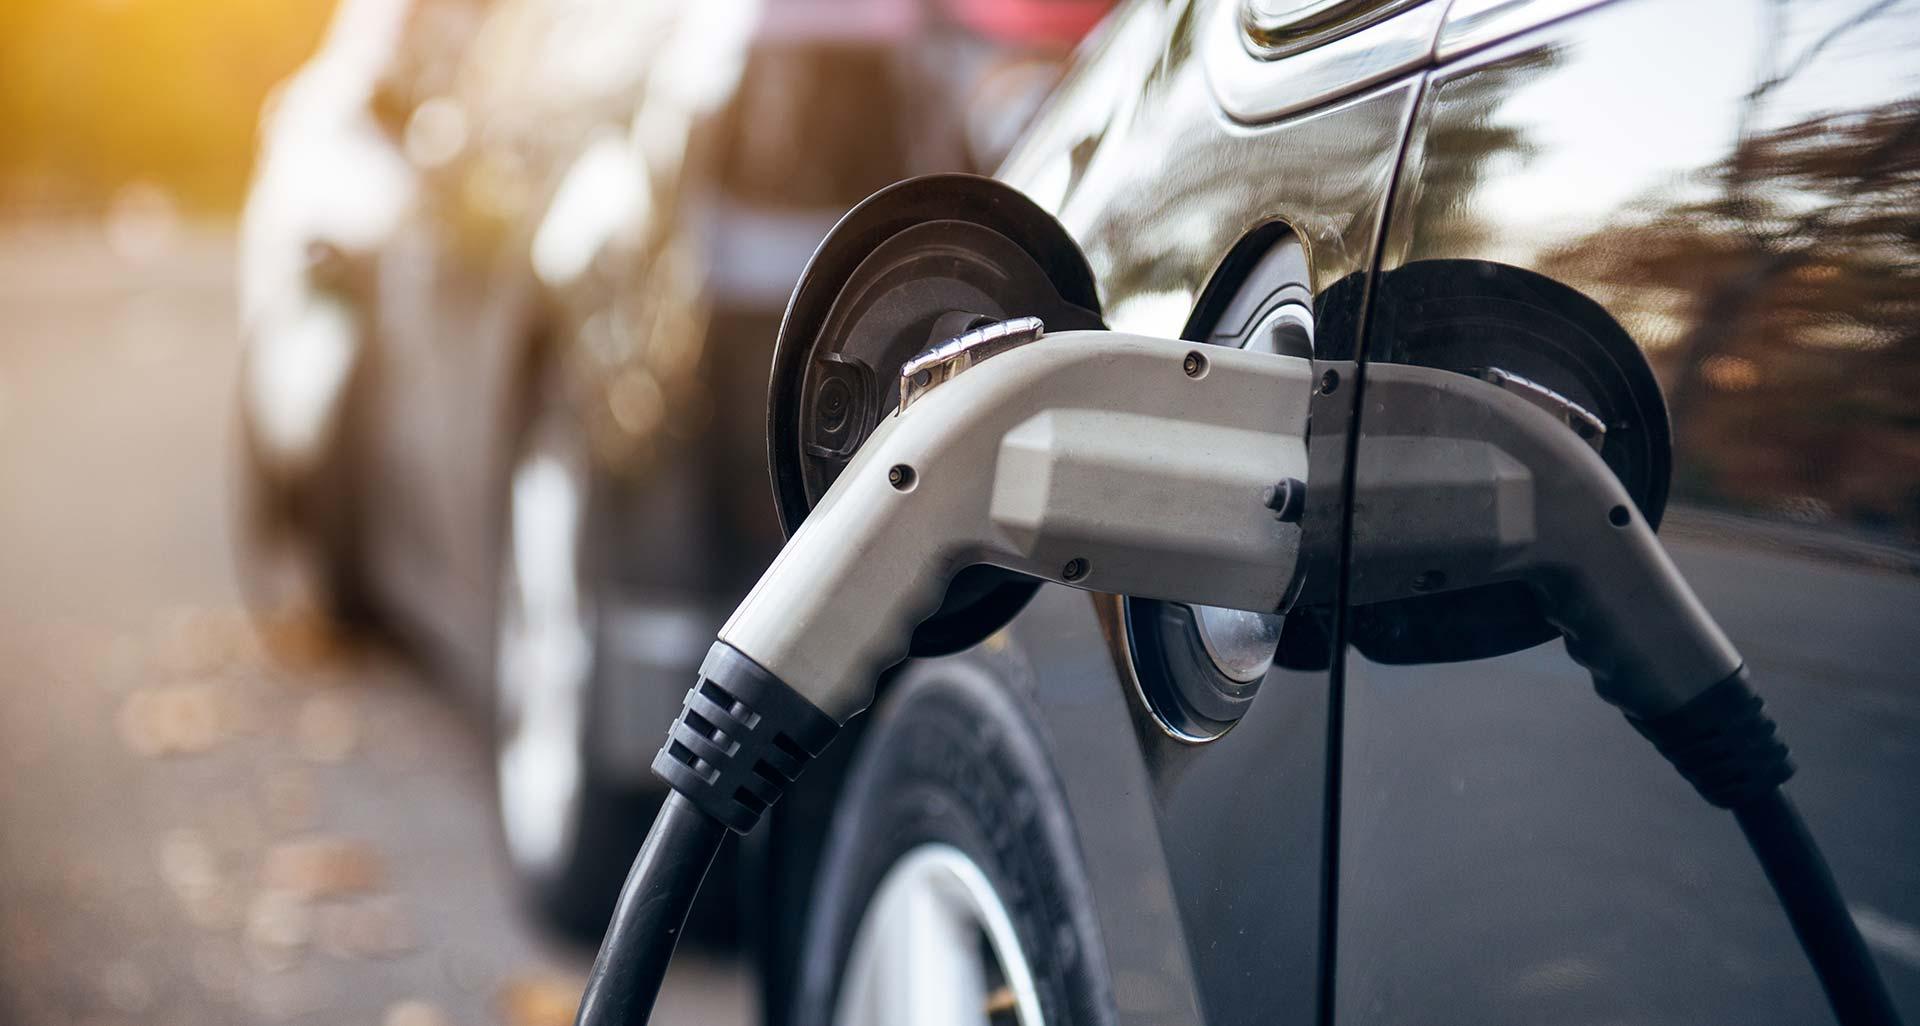 รถคันใหม่ปีใหม่นี้ ควรเป็นรถแบตเตอรี่ไฟฟ้า?